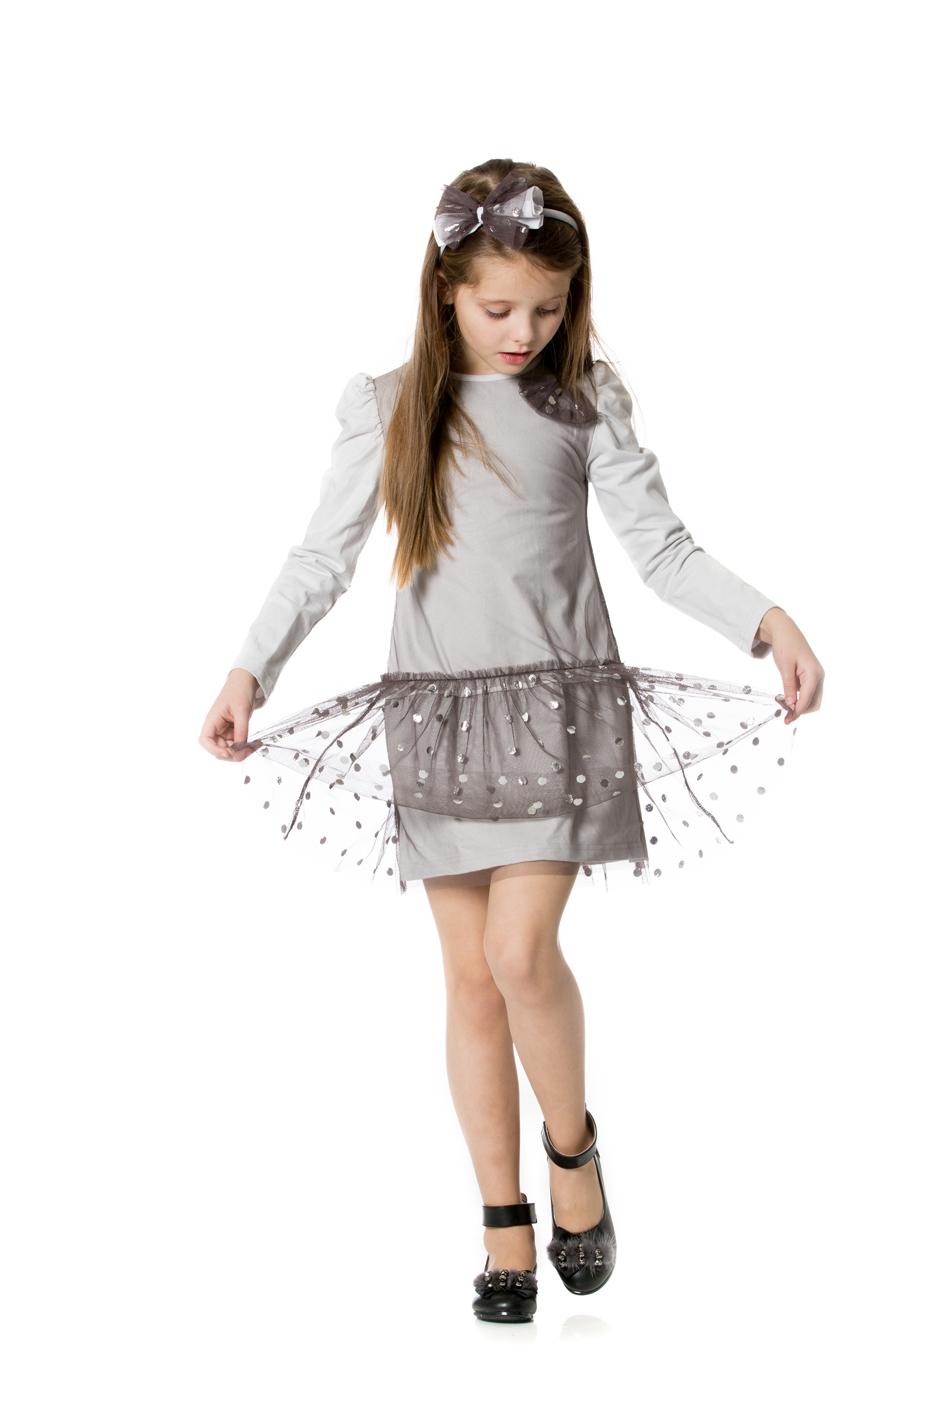 صوره صور ازياء تهبل للصغيرات 2018 , اجمل وارق الملابس للبنات الصغار